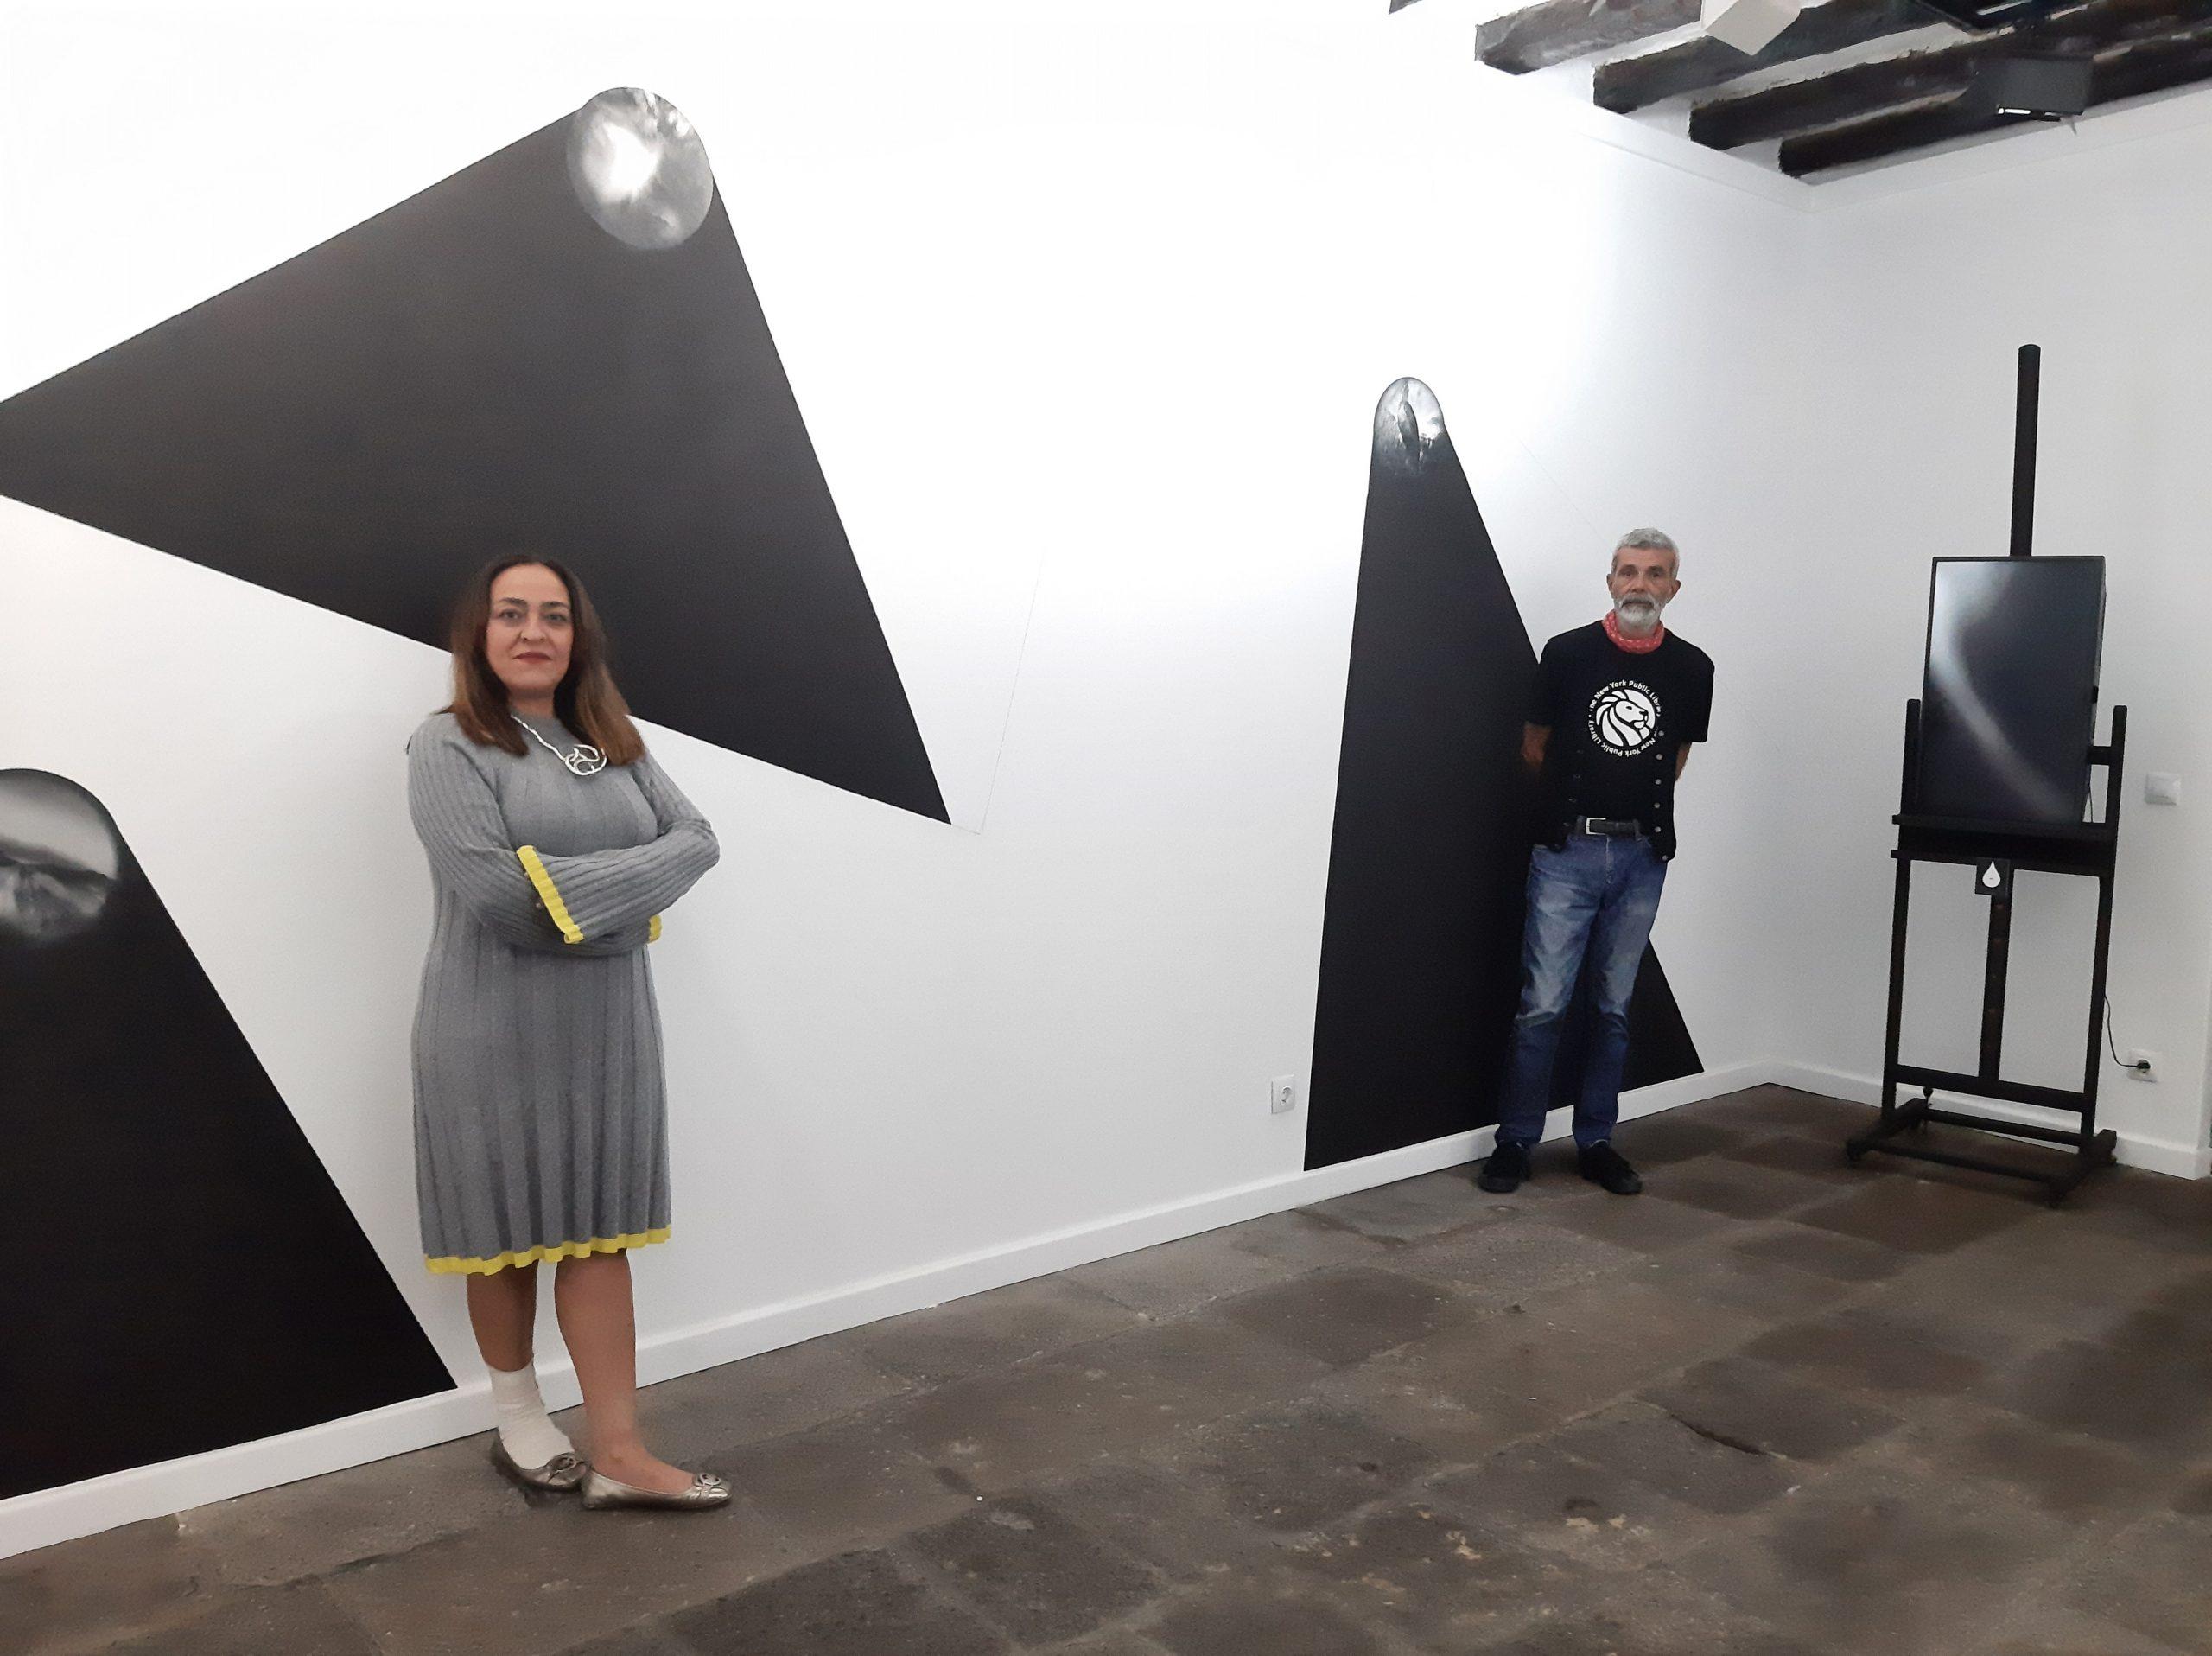 Saro Hernández y José Rosales trasladan la magia de Lanzarote a la Casa-Museo León y Castillo de Telde con la exposición 'Relámpagos'